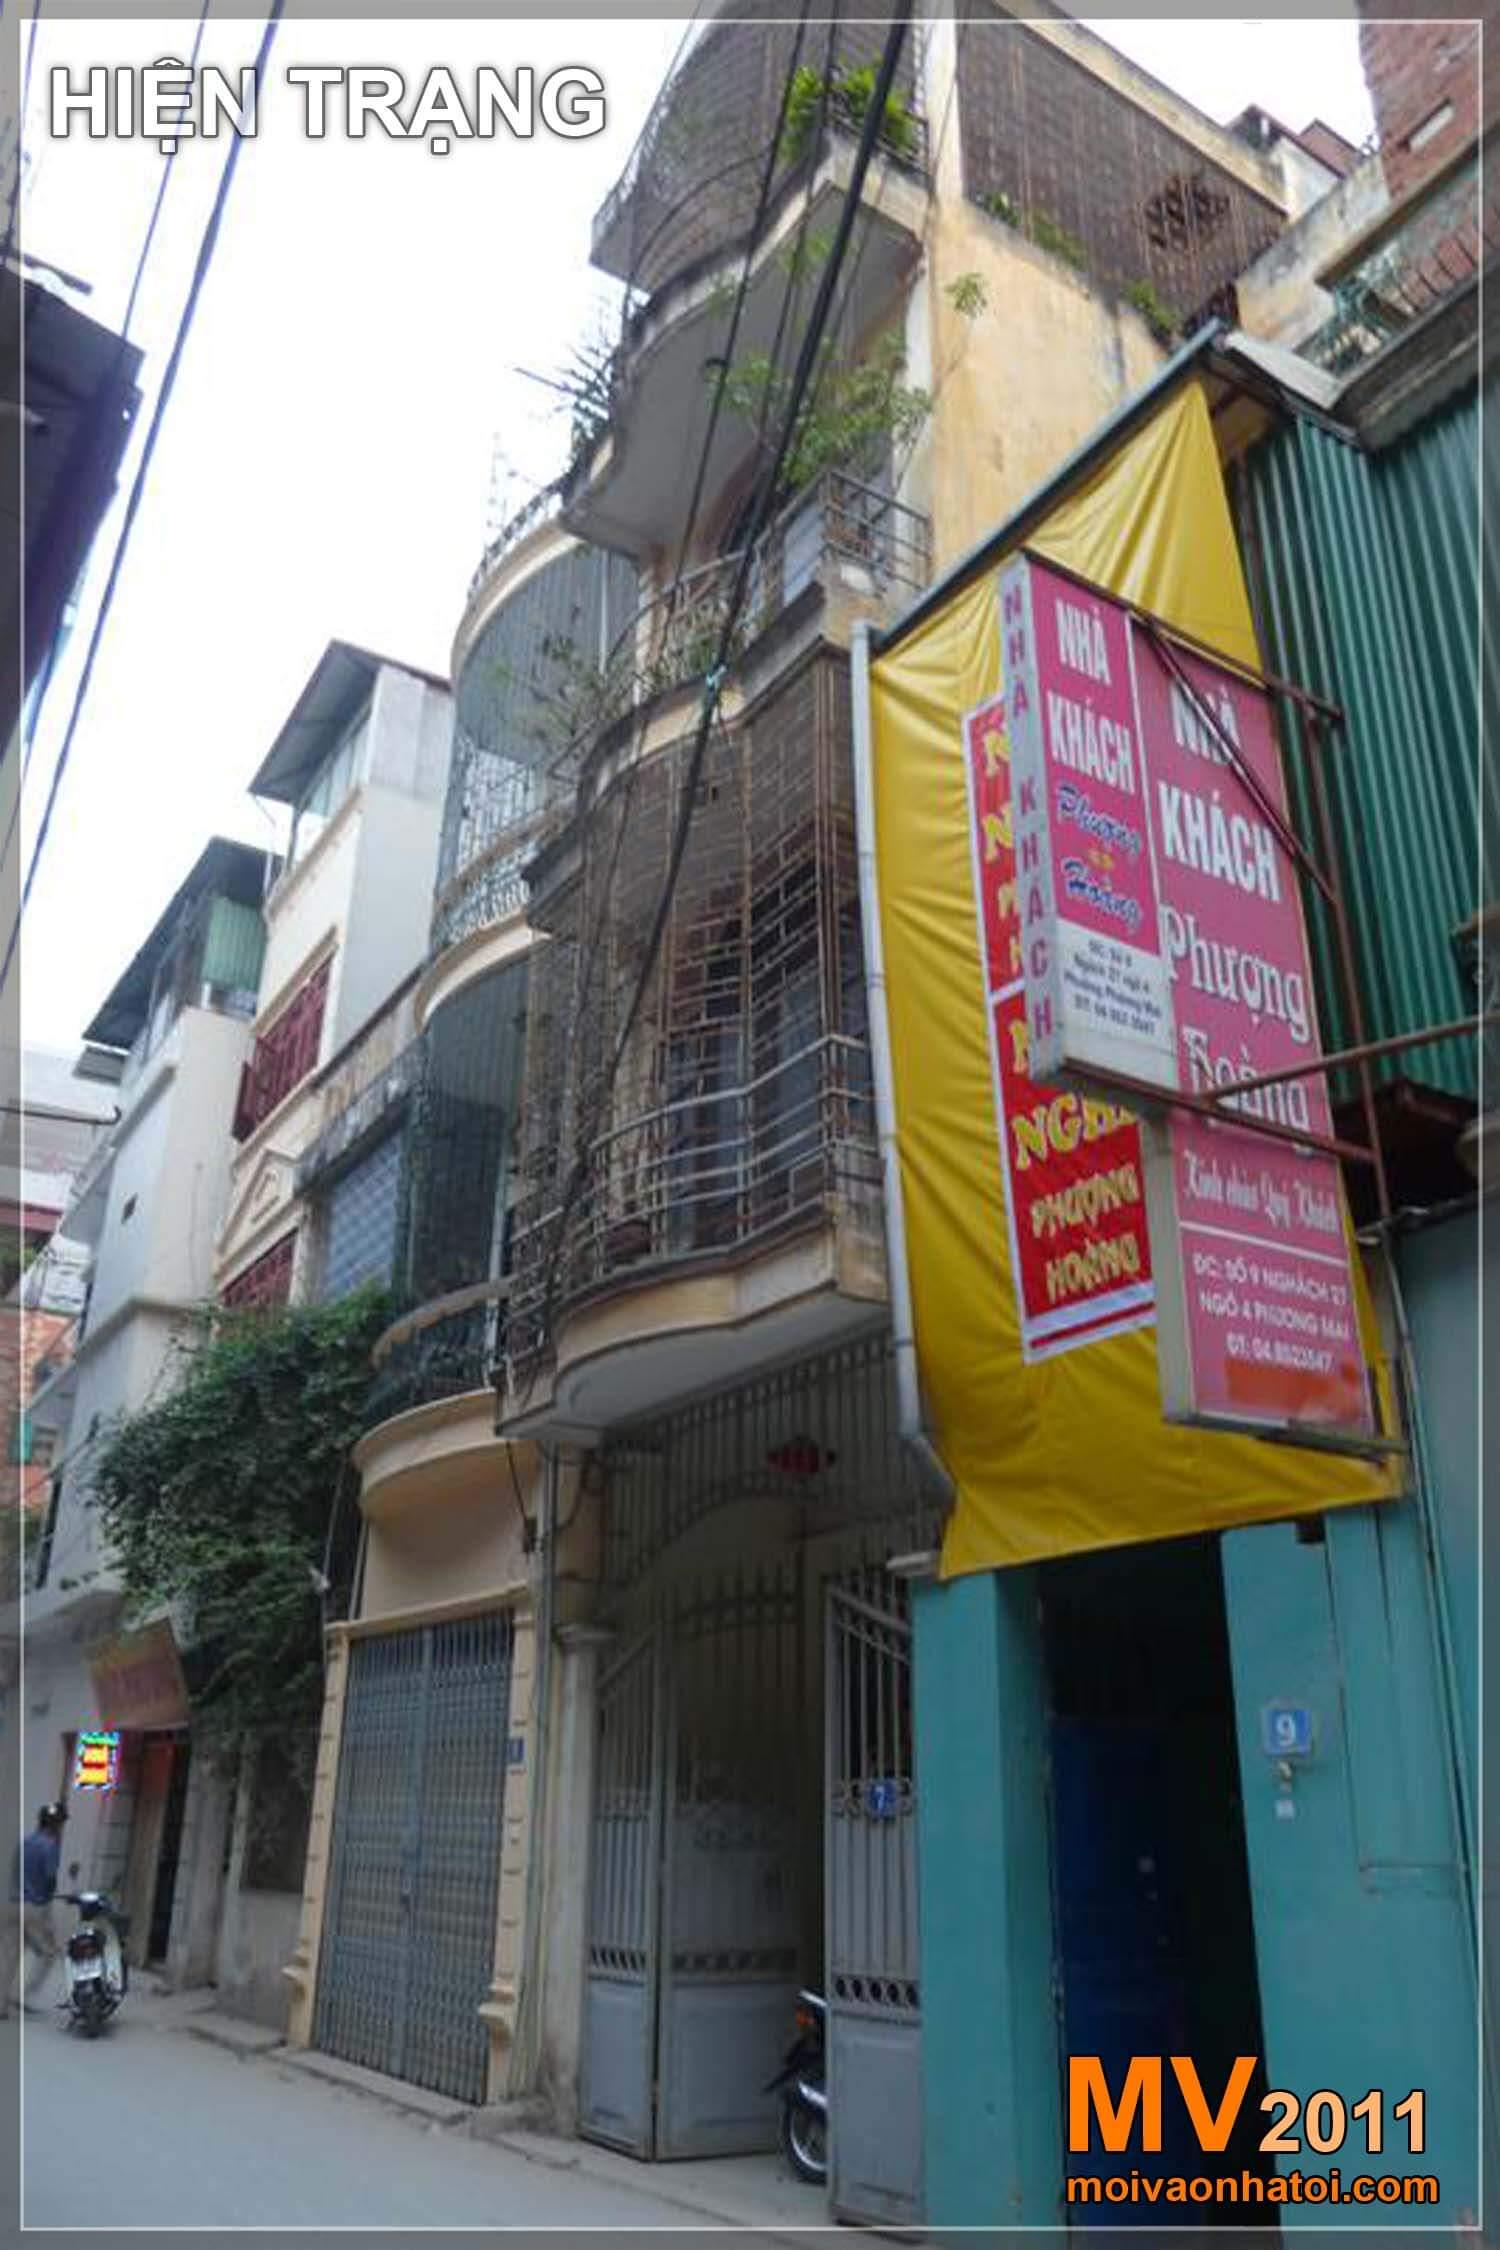 Hình ảnh nhà phố từ cũ trước khi cải tạo và mới